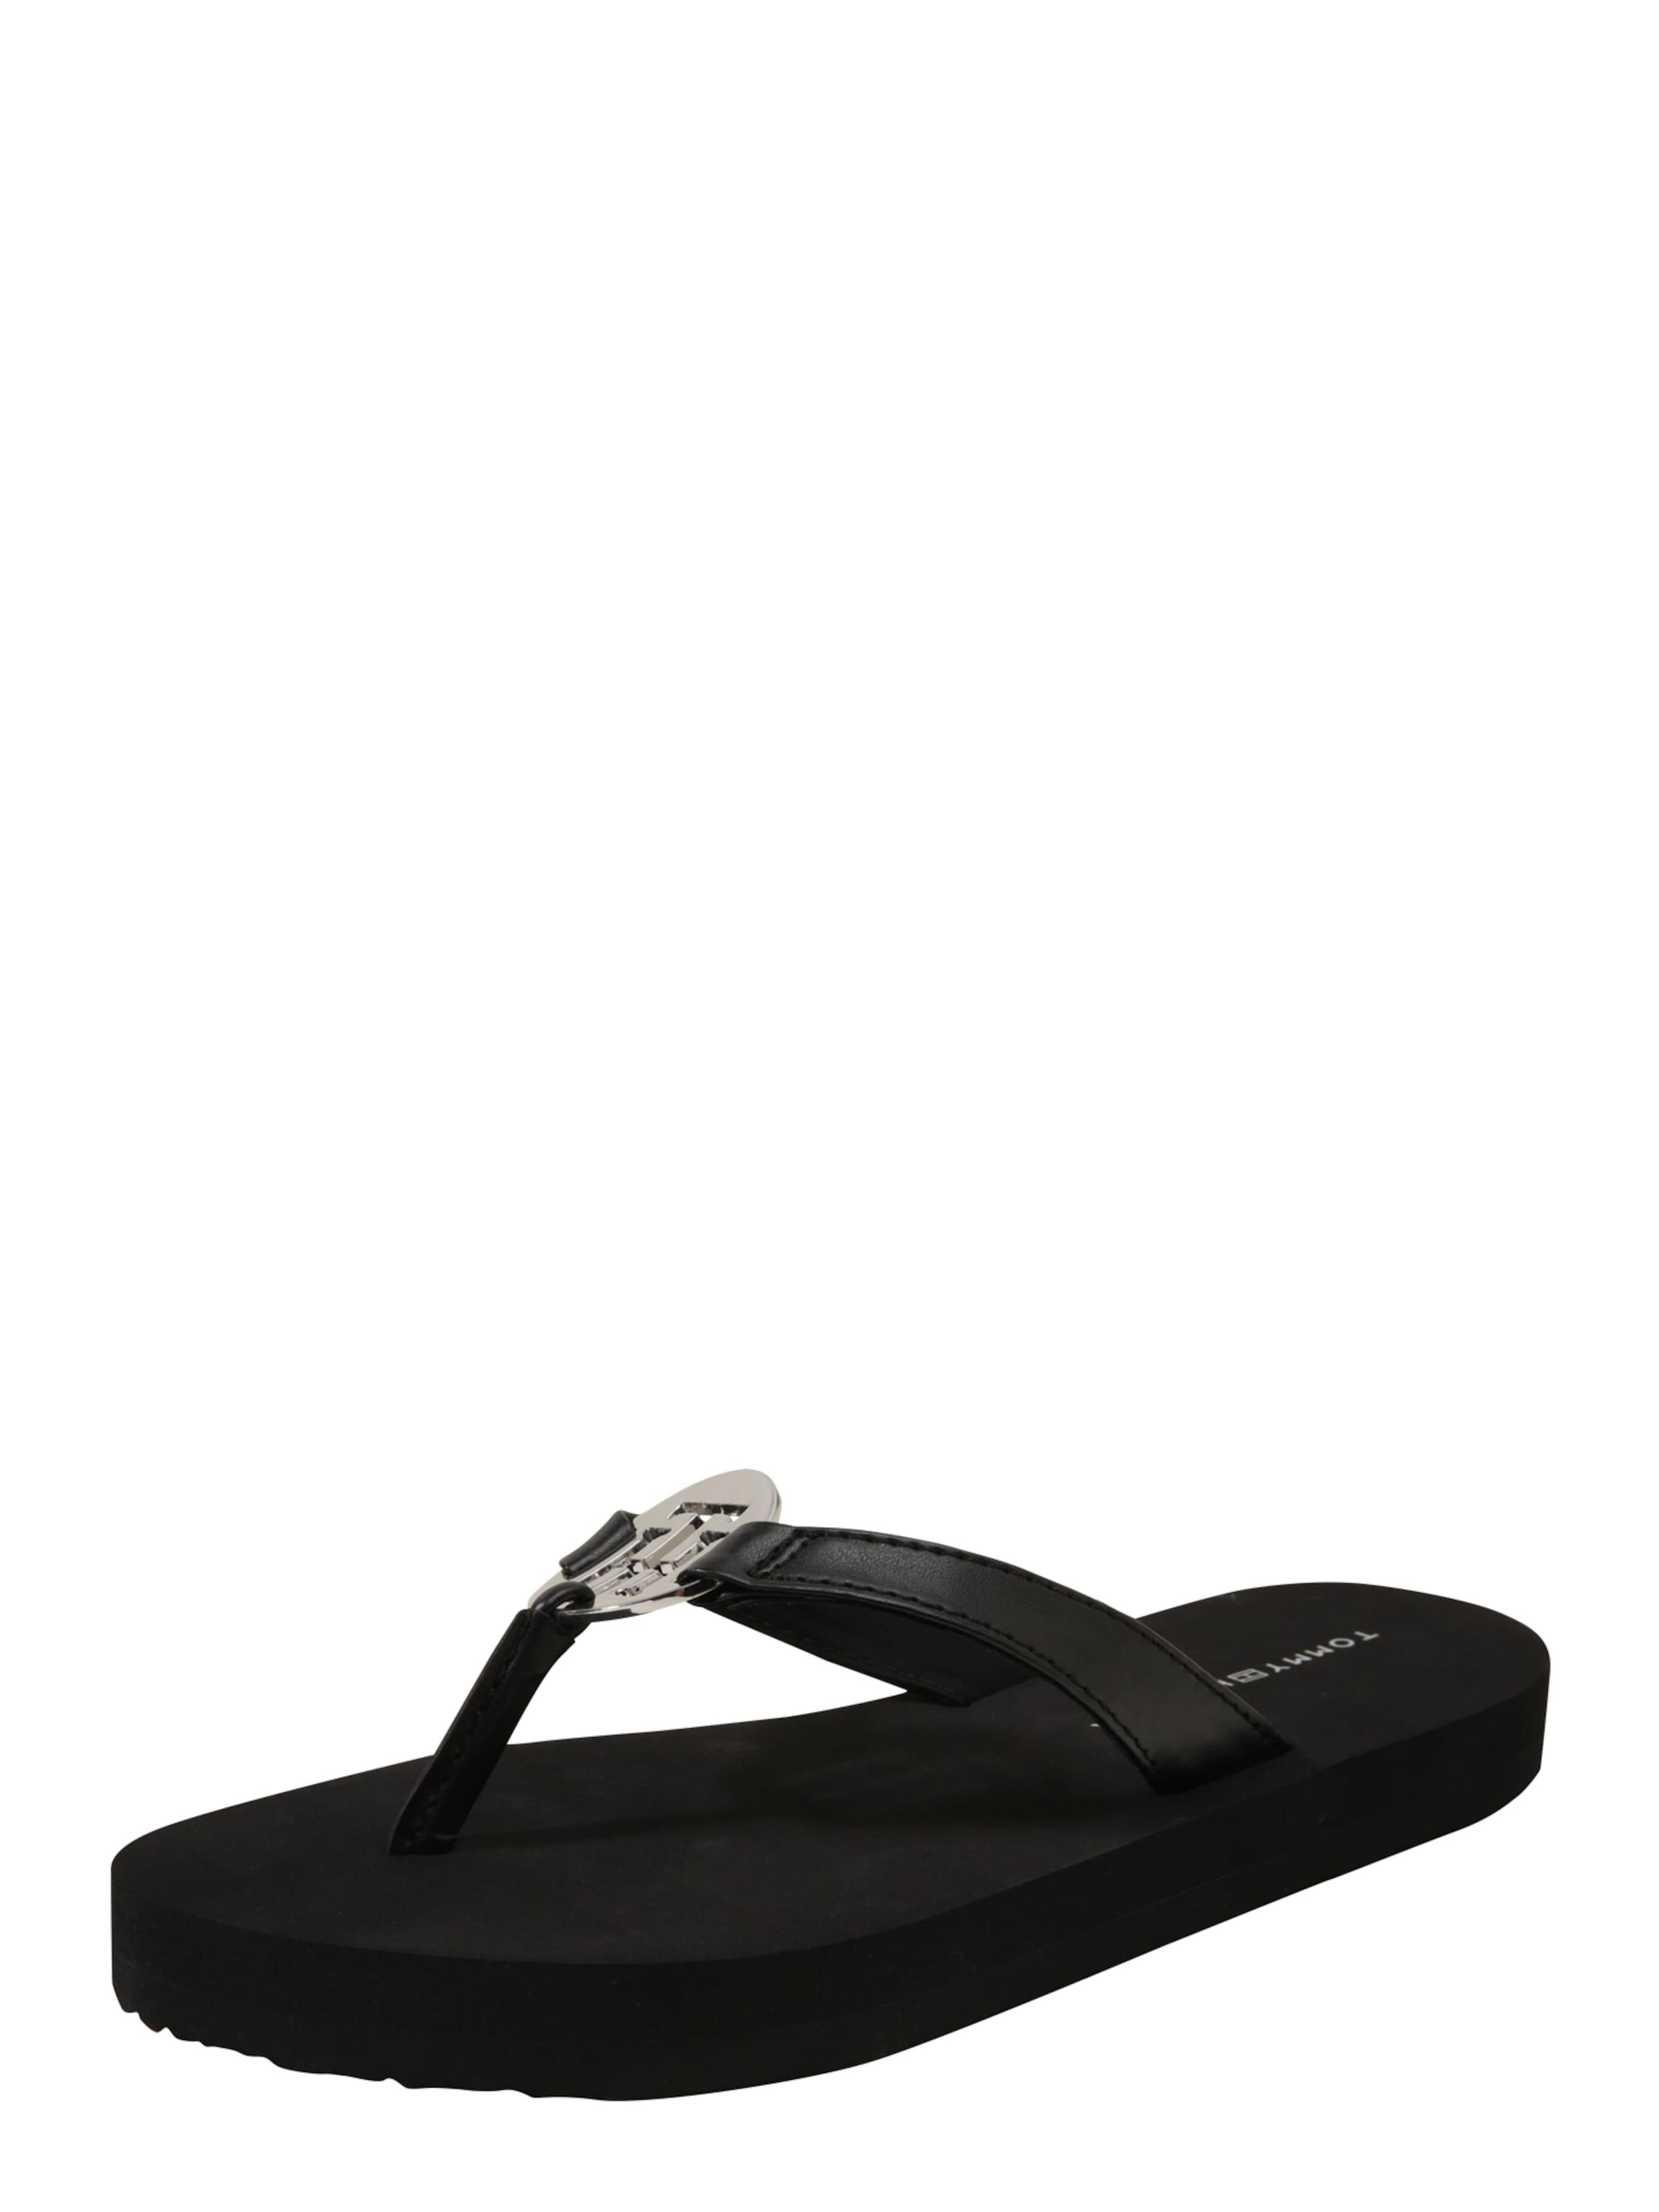 Haltbare Mode billige Schuhe TOMMY HILFIGER | Zehentrenner Schuhe Gut getragene Schuhe